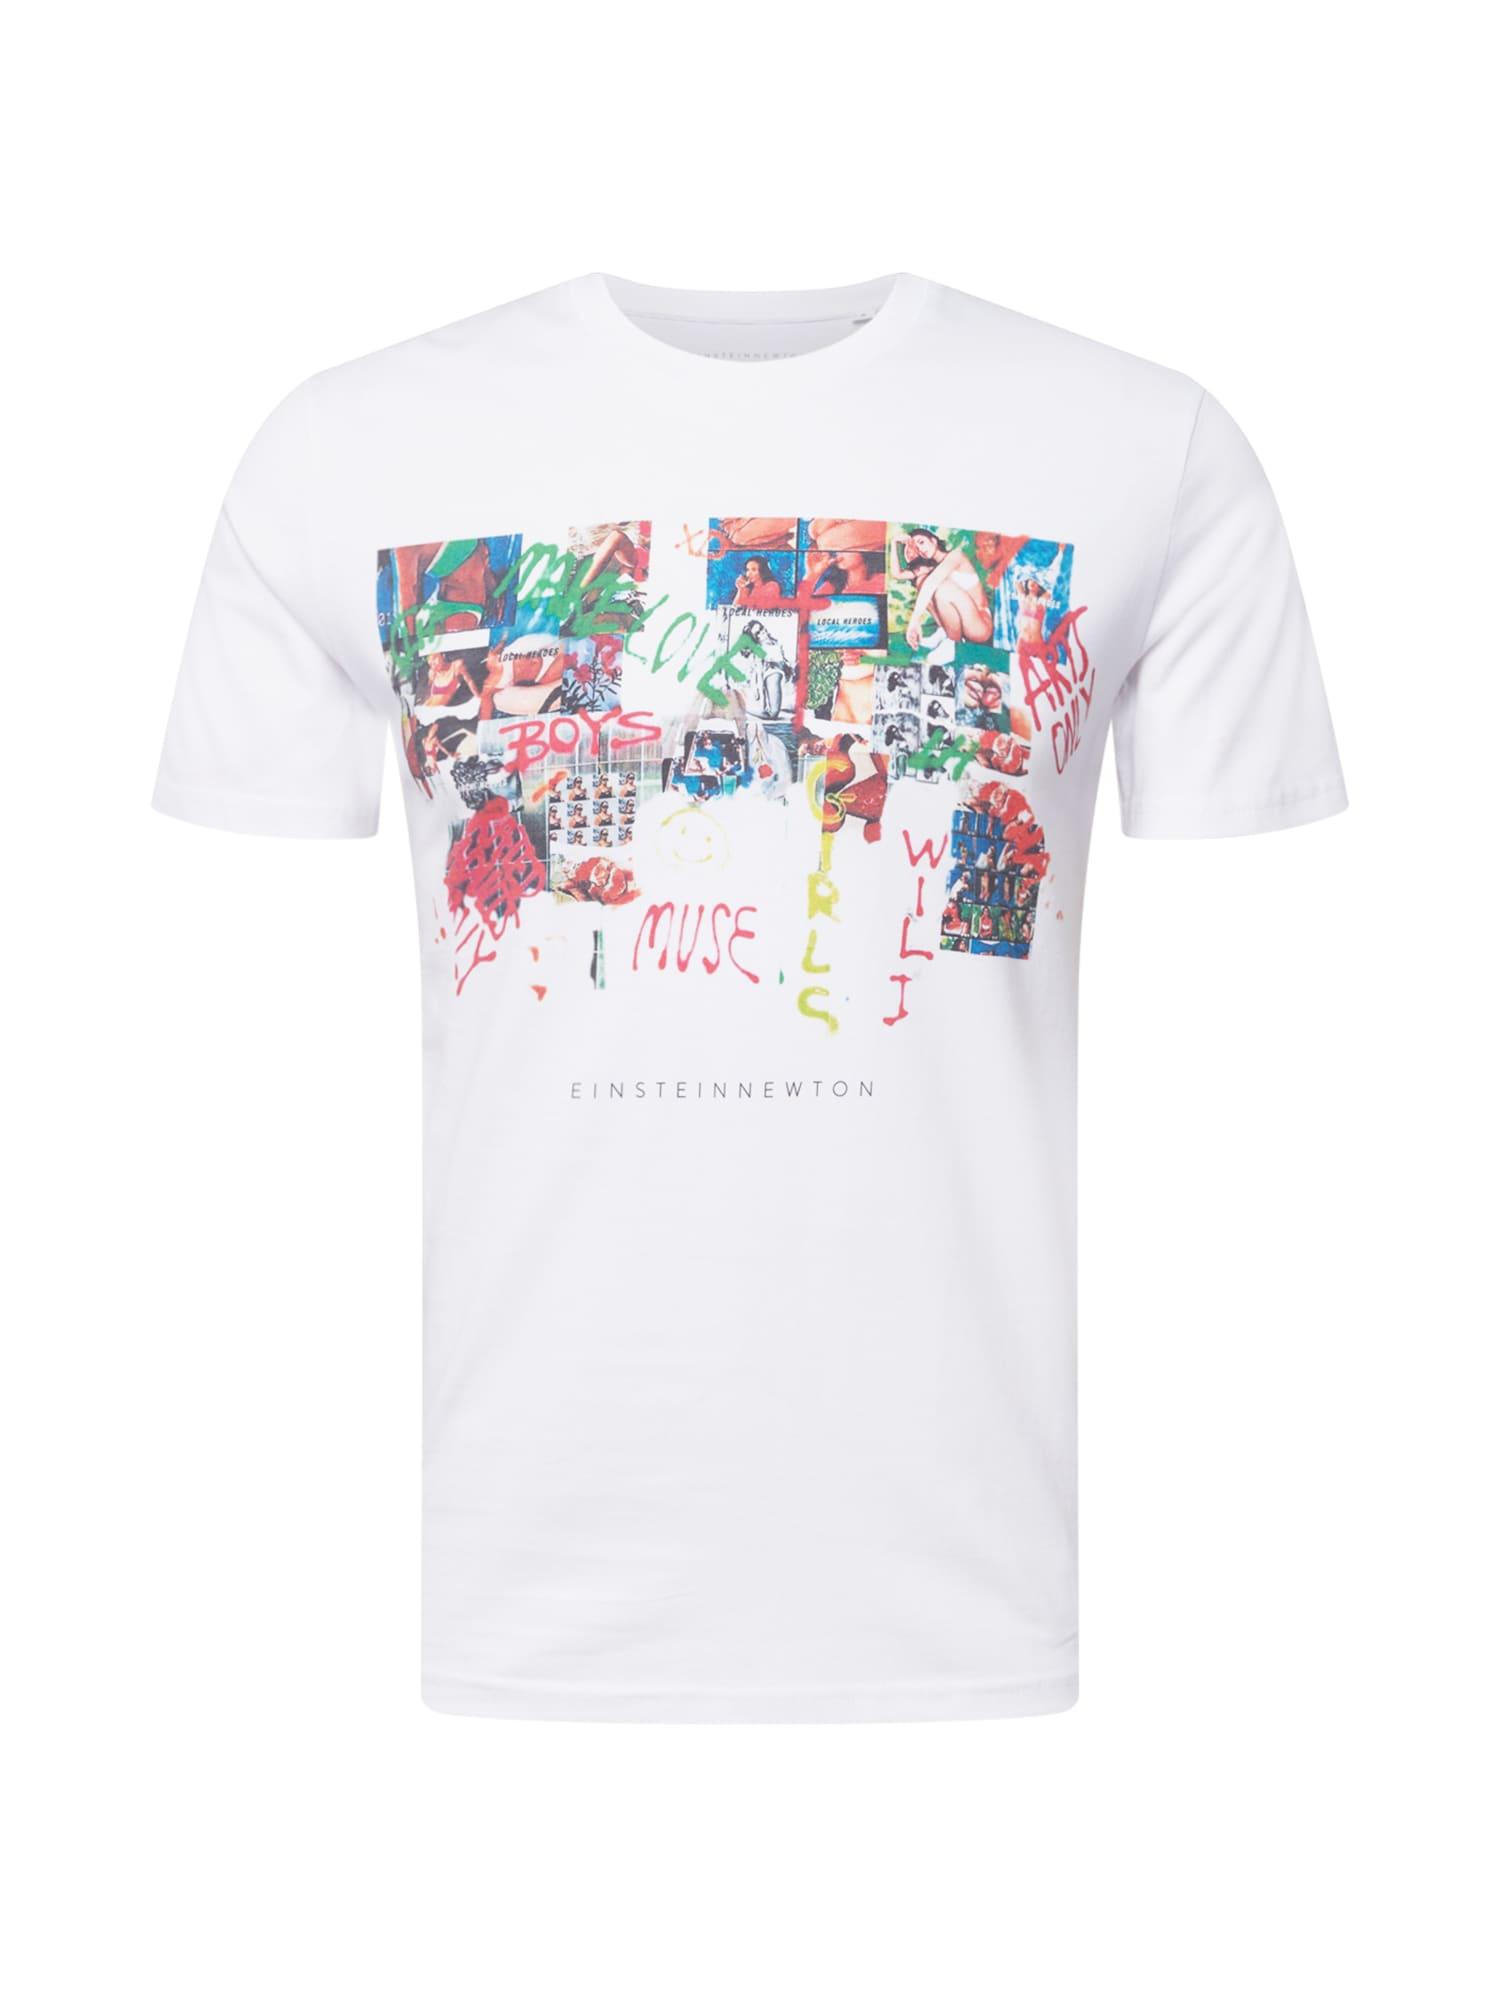 EINSTEIN & NEWTON Marškinėliai balta / mėlyna / raudona / žalia / mišrios spalvos